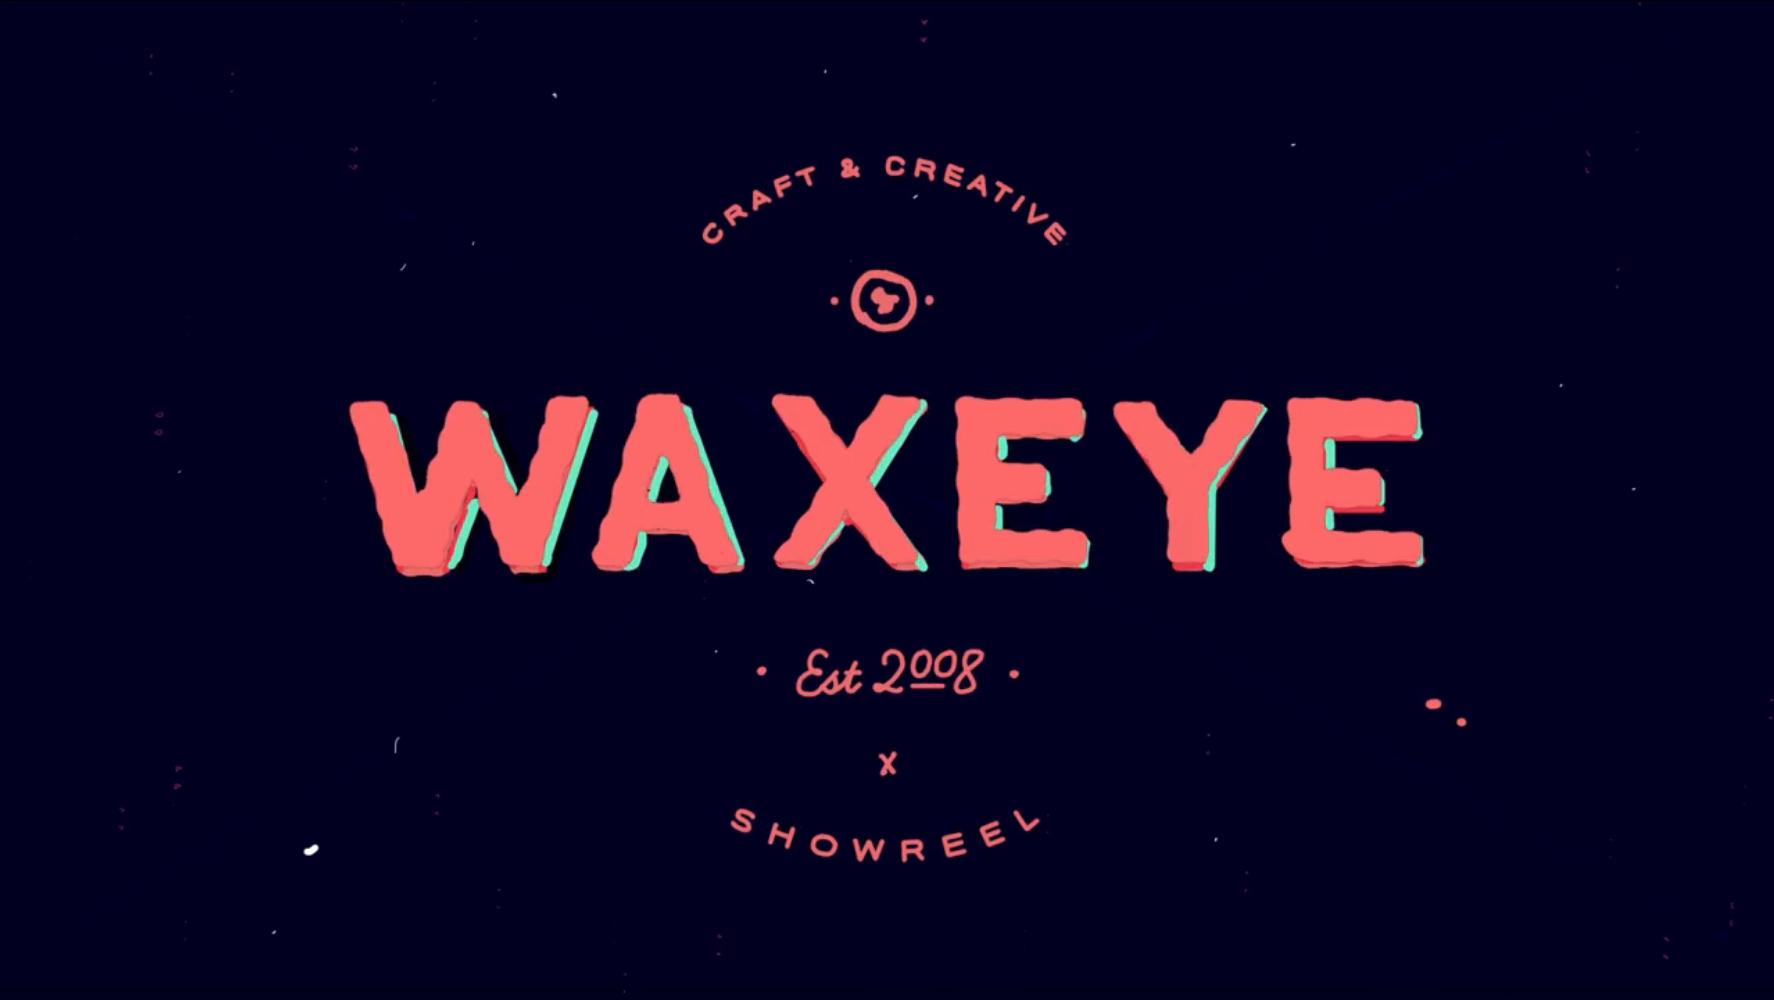 Waxeye_Teaser_2014-Tom_McCarten-4.jpg